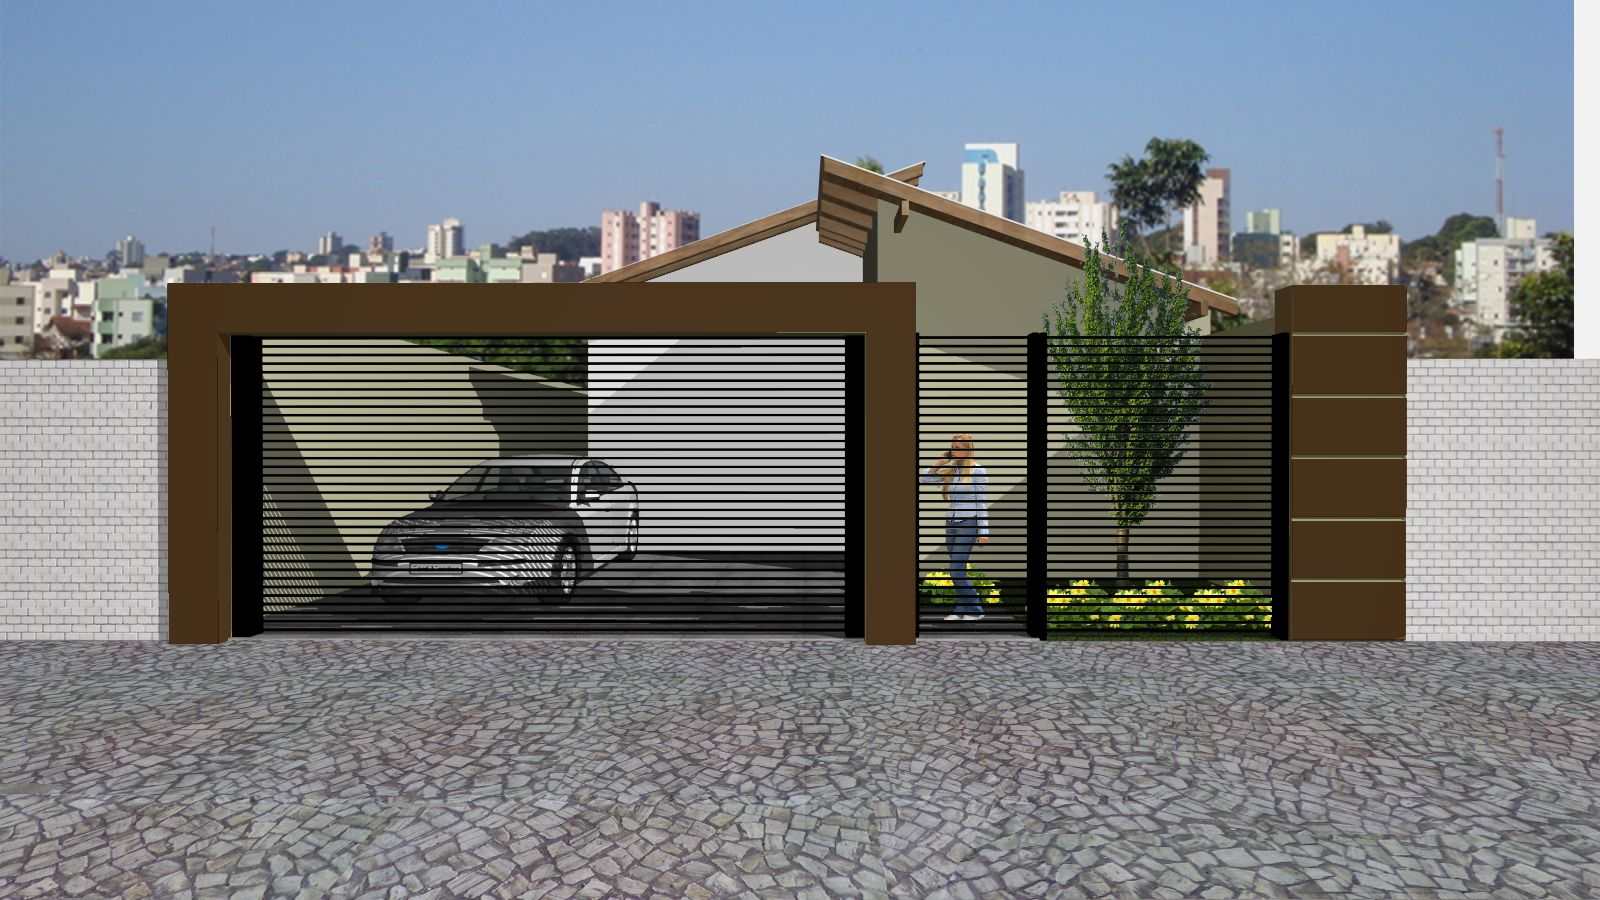 www.edificações.com: Julho 2012 #426389 1600 900